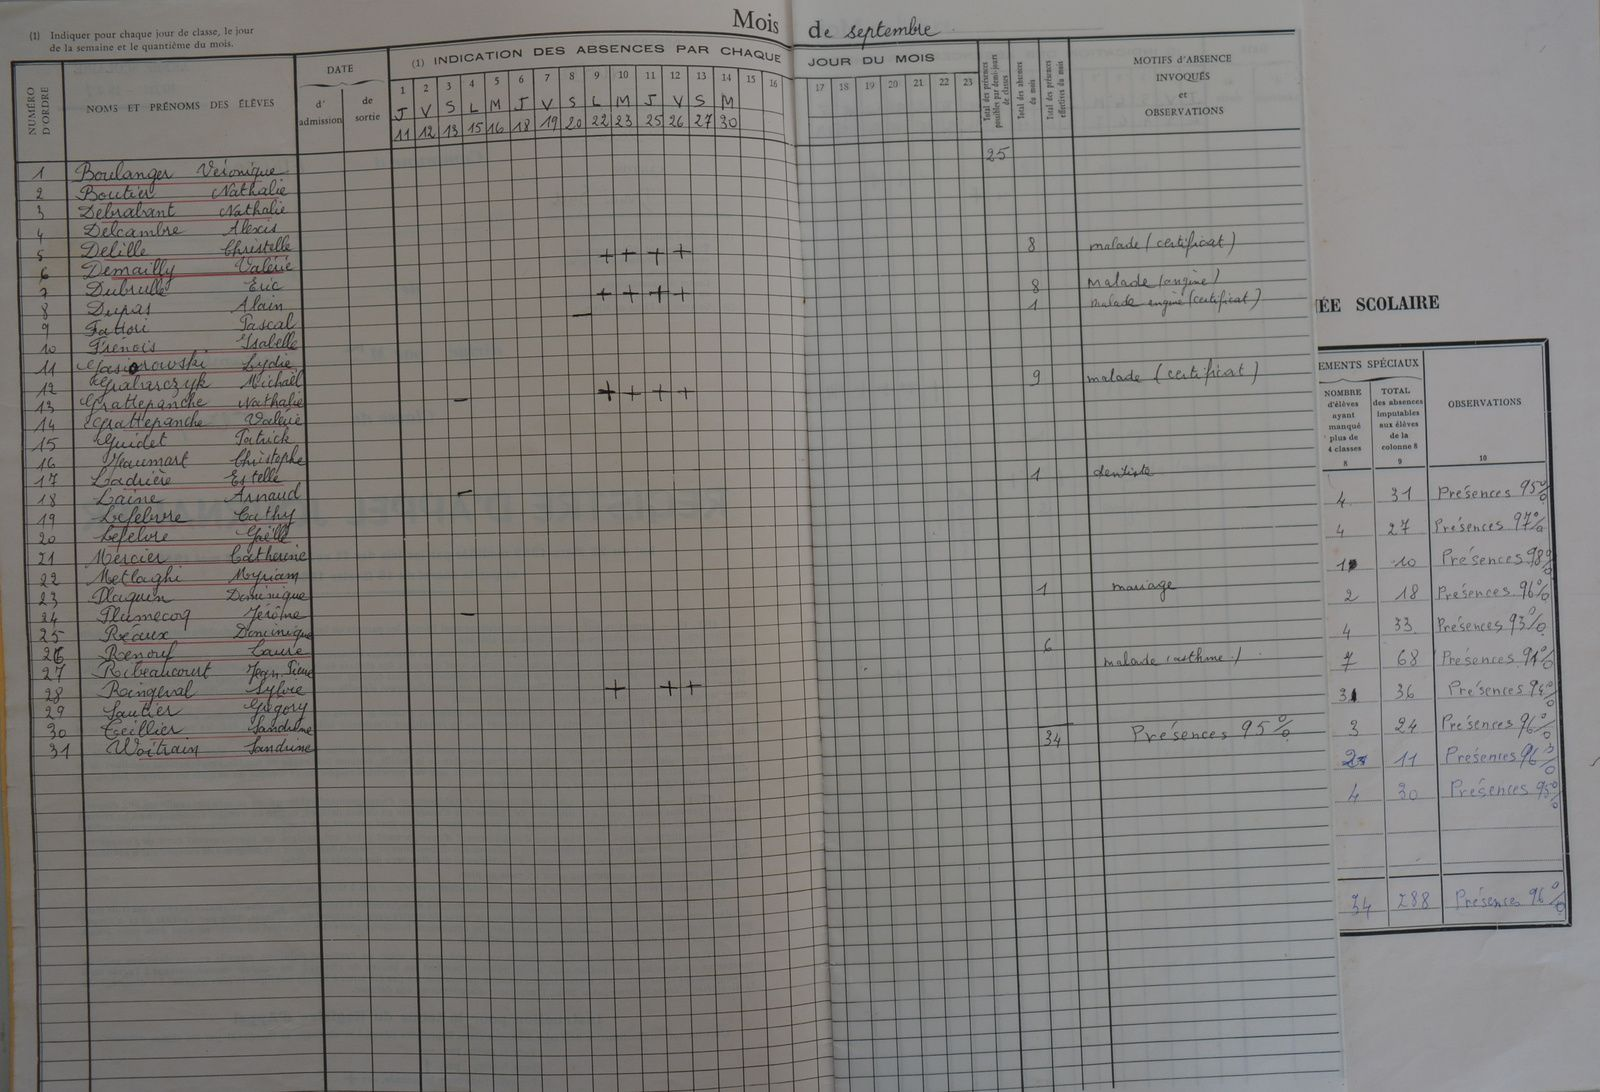 Ecole Maxime Quévy à Aniche. Registre d'appel journalier de Madame Vauquier pour l'année scolaire 1980-1981.